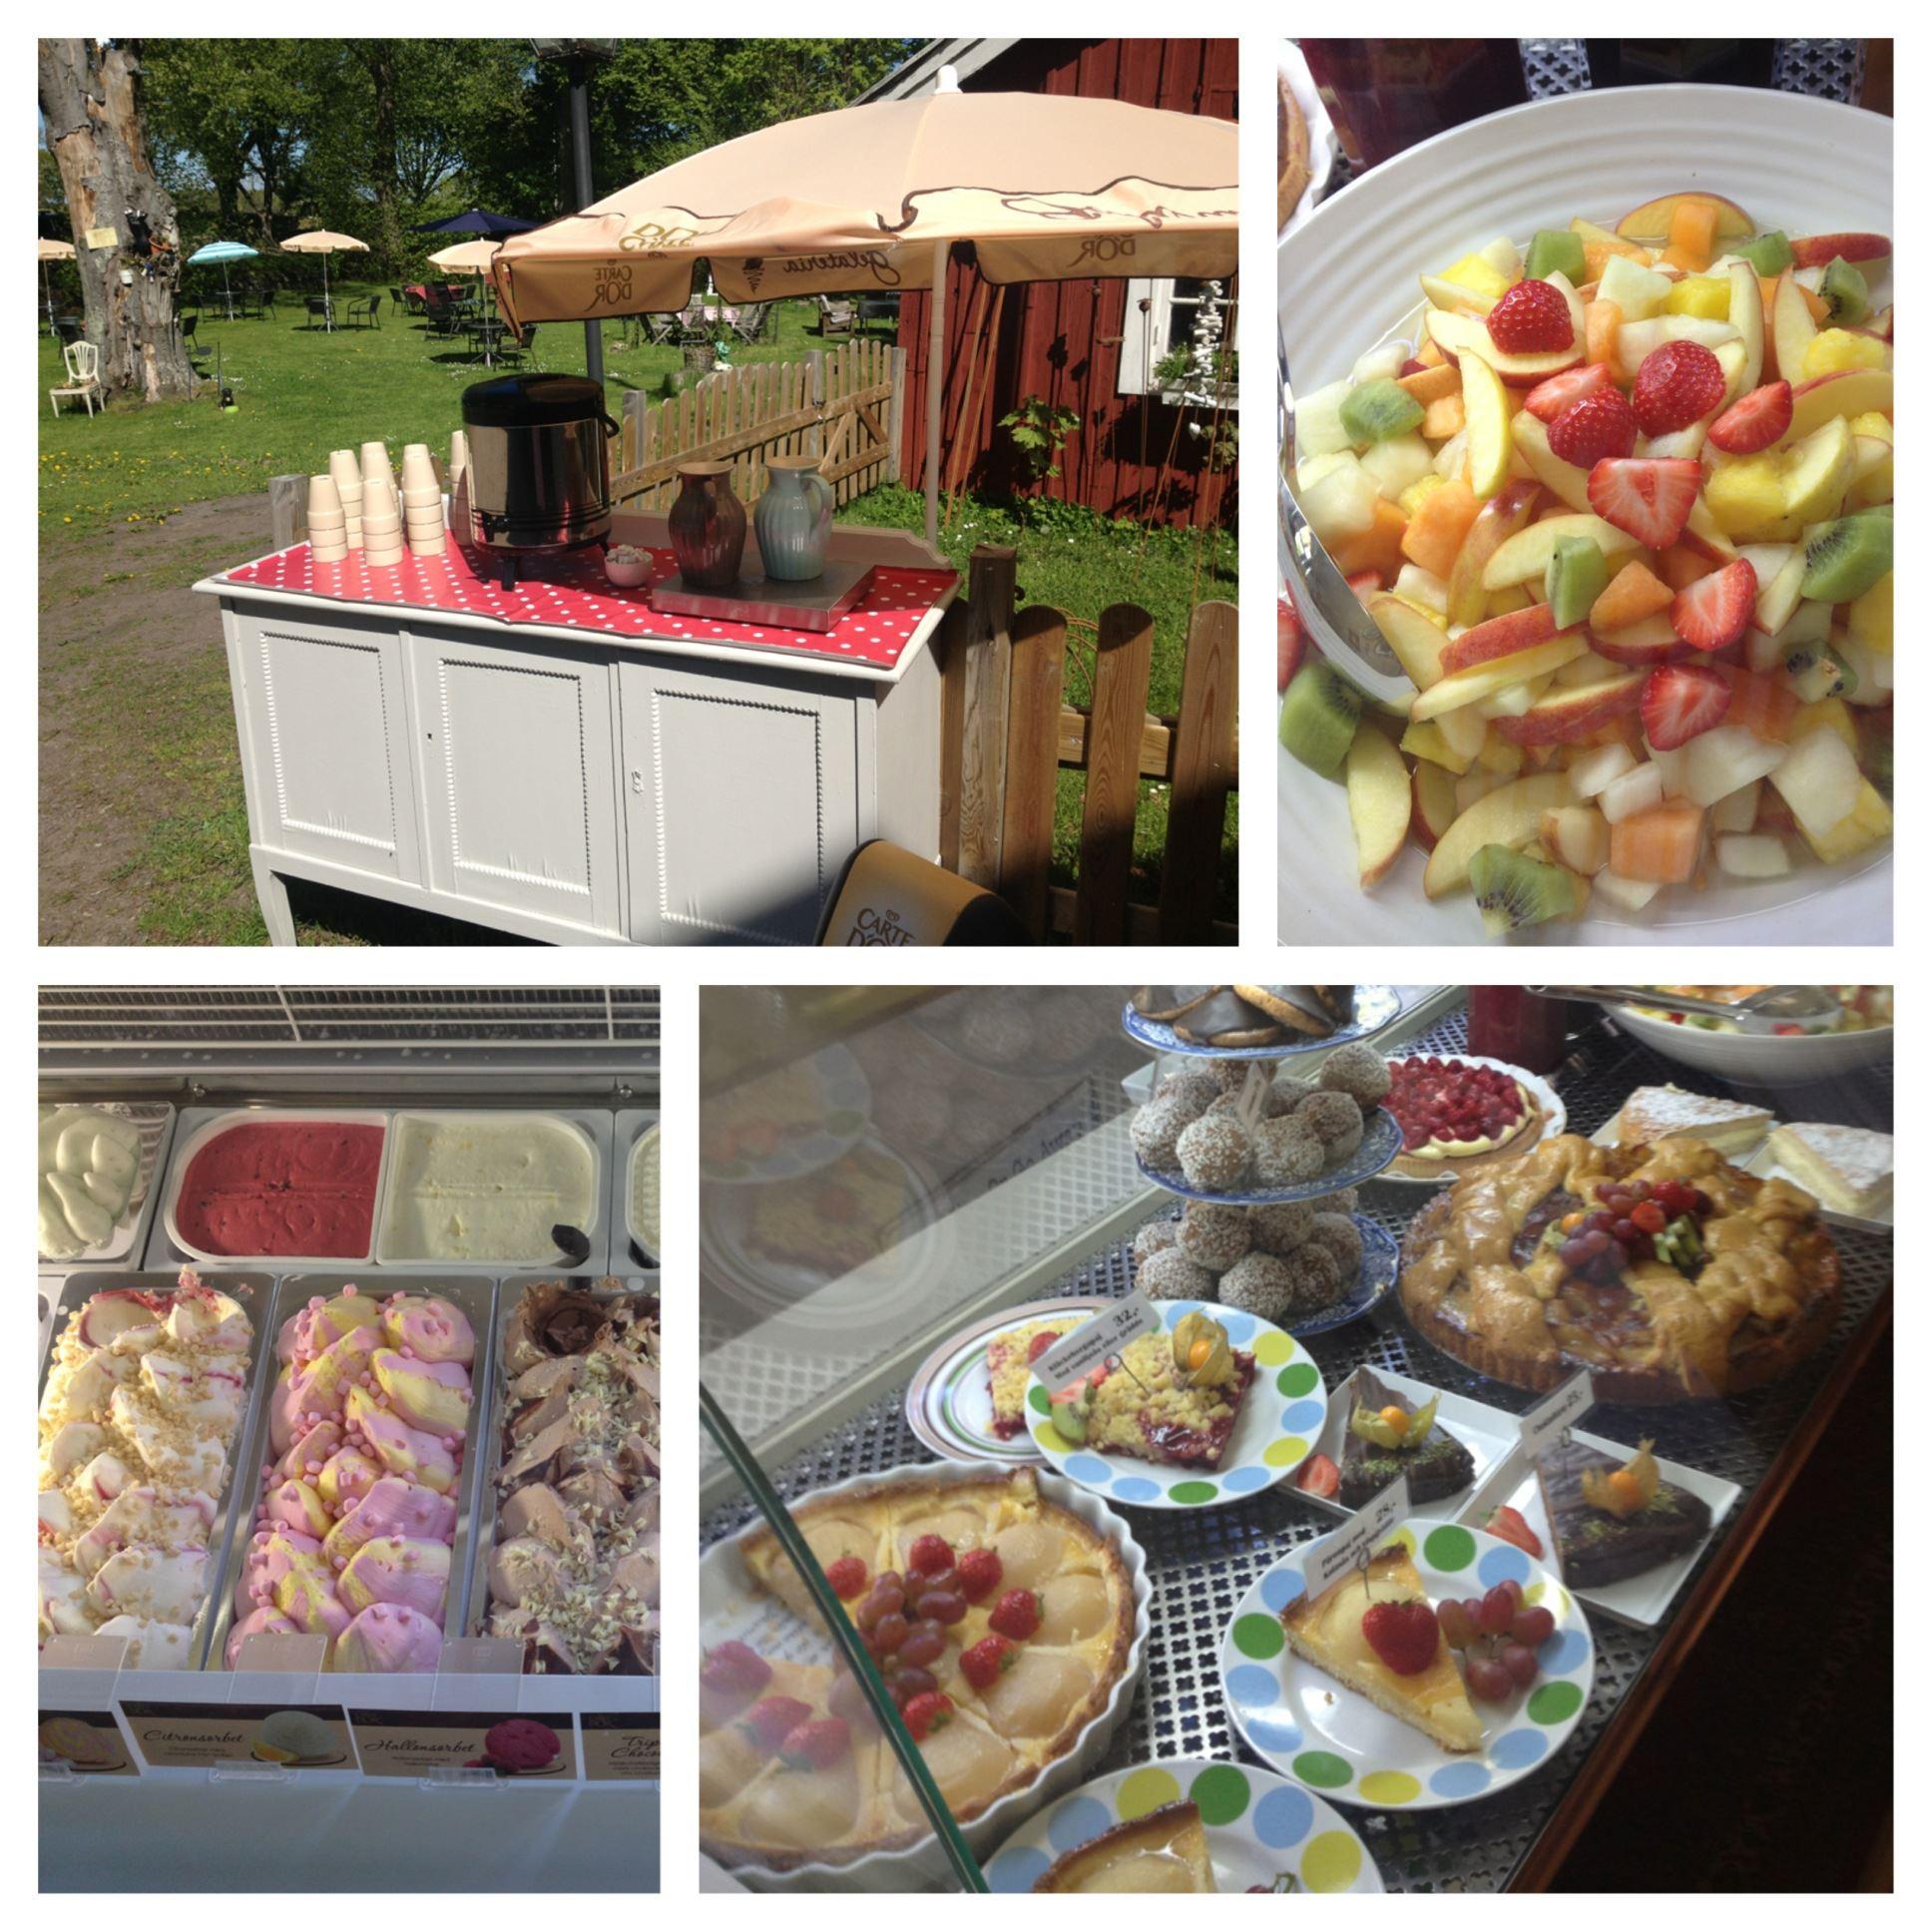 Kläckeberga Farm Café / Ice Cream Café